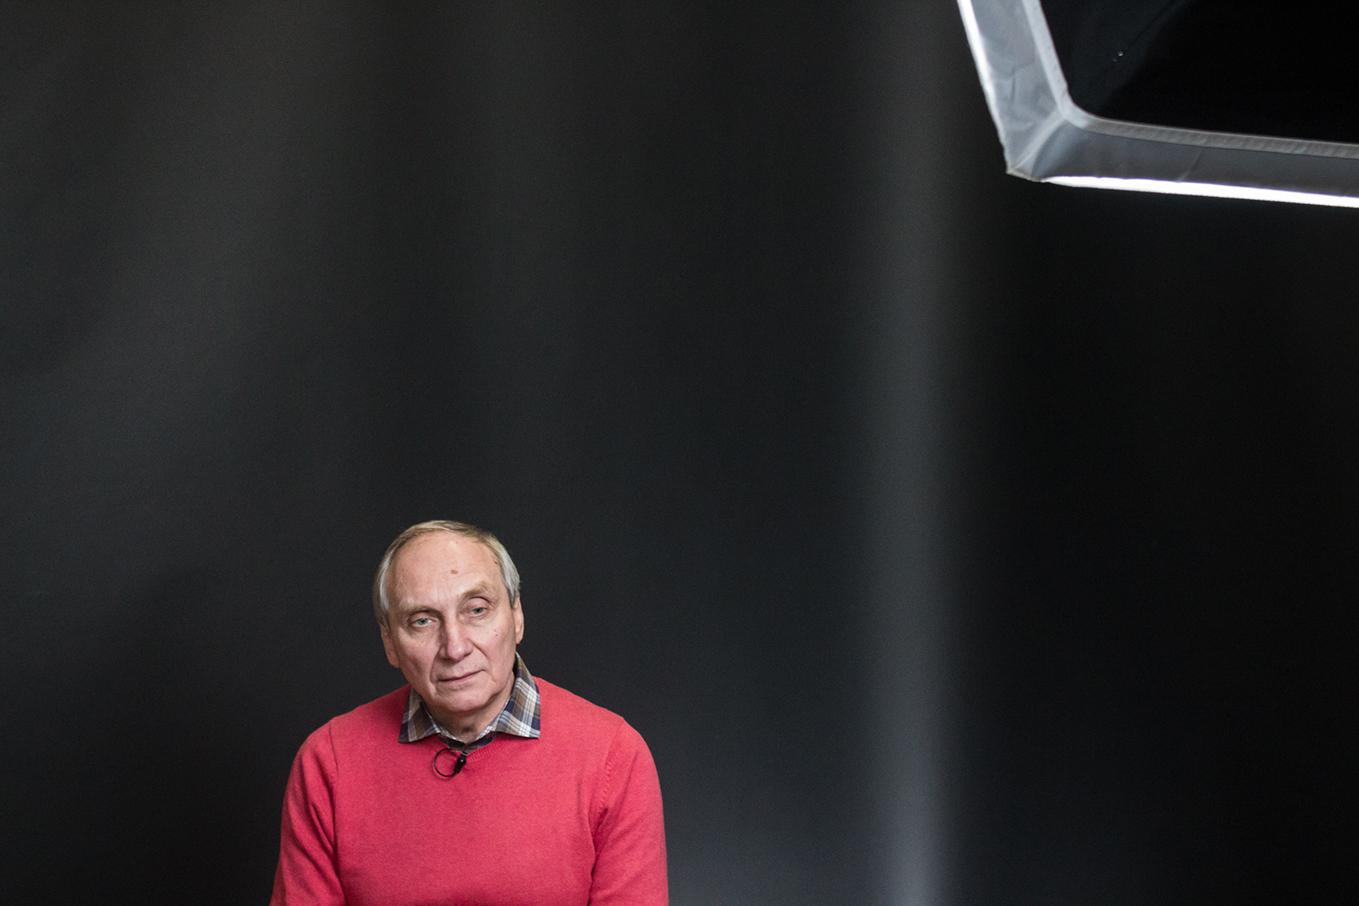 Донецкий ученый Игорь Козловский о настроениях жителей оккупированного Донбасса